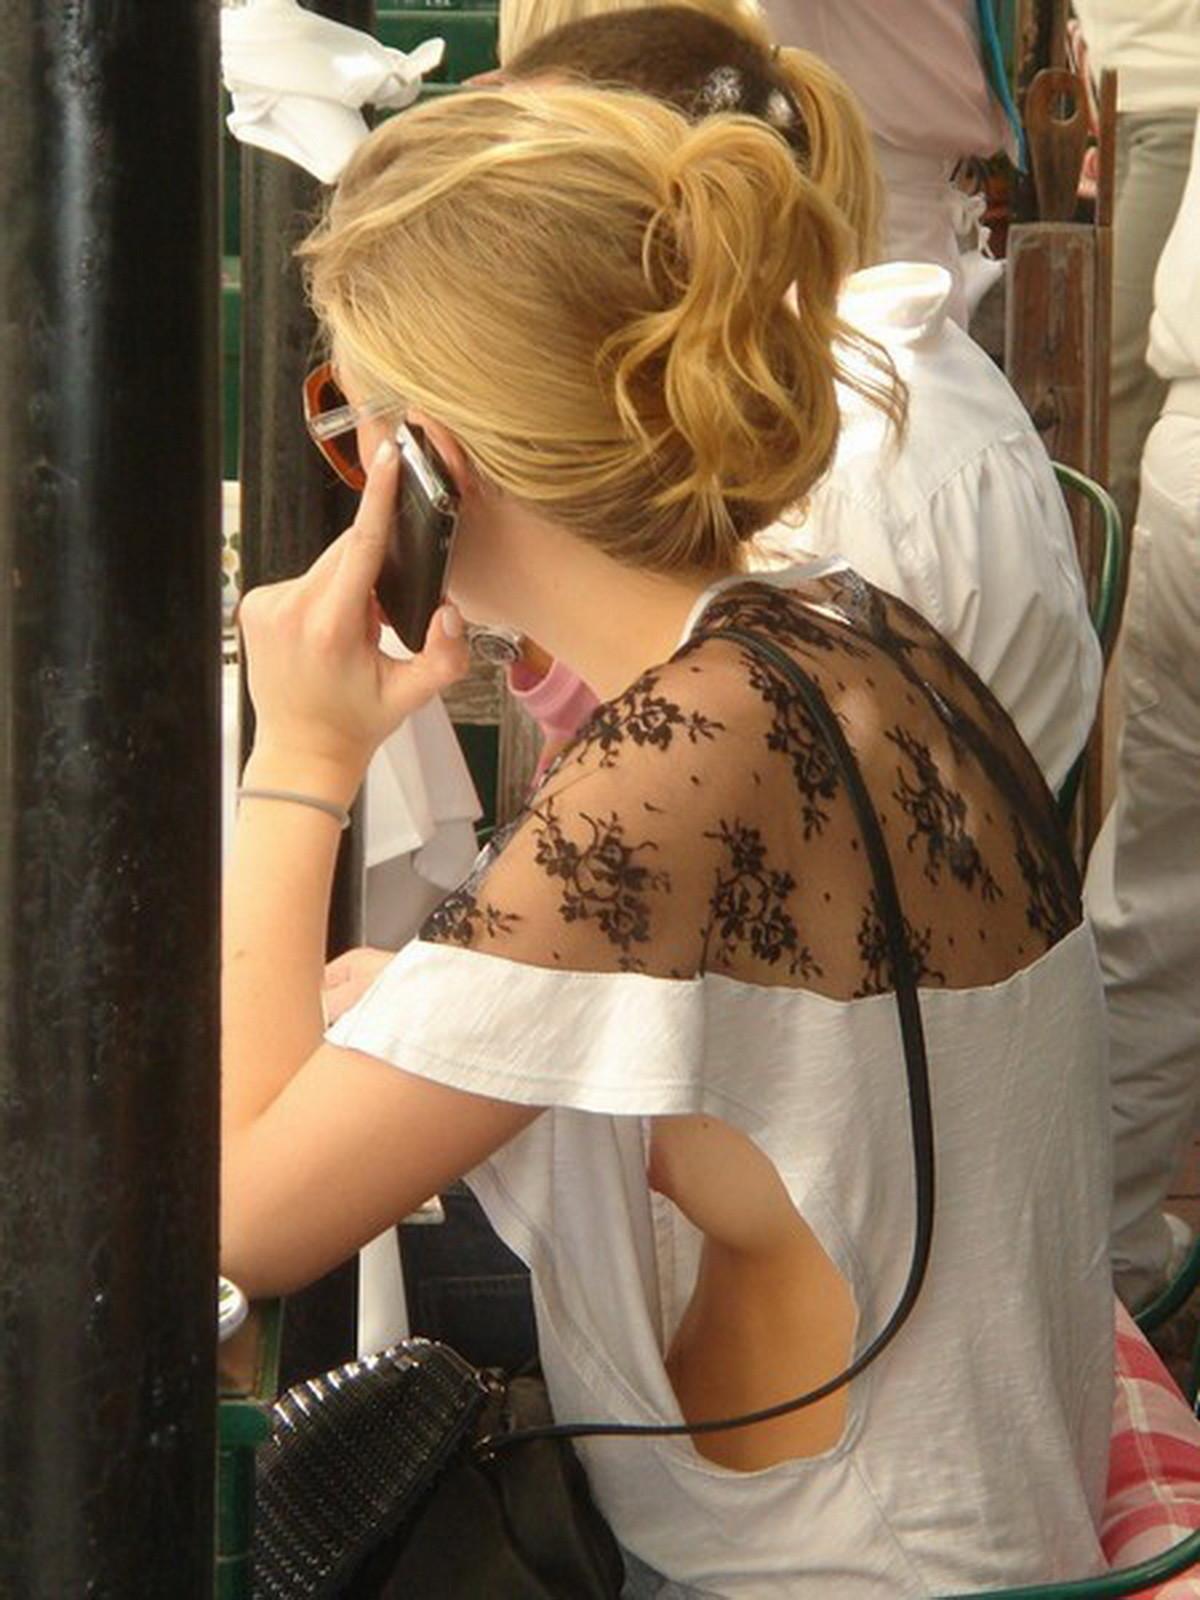 【胸チラエロ画像】服は着ただけなノーブラ外人たちはいちいち見え過ぎ(゚A゚;)